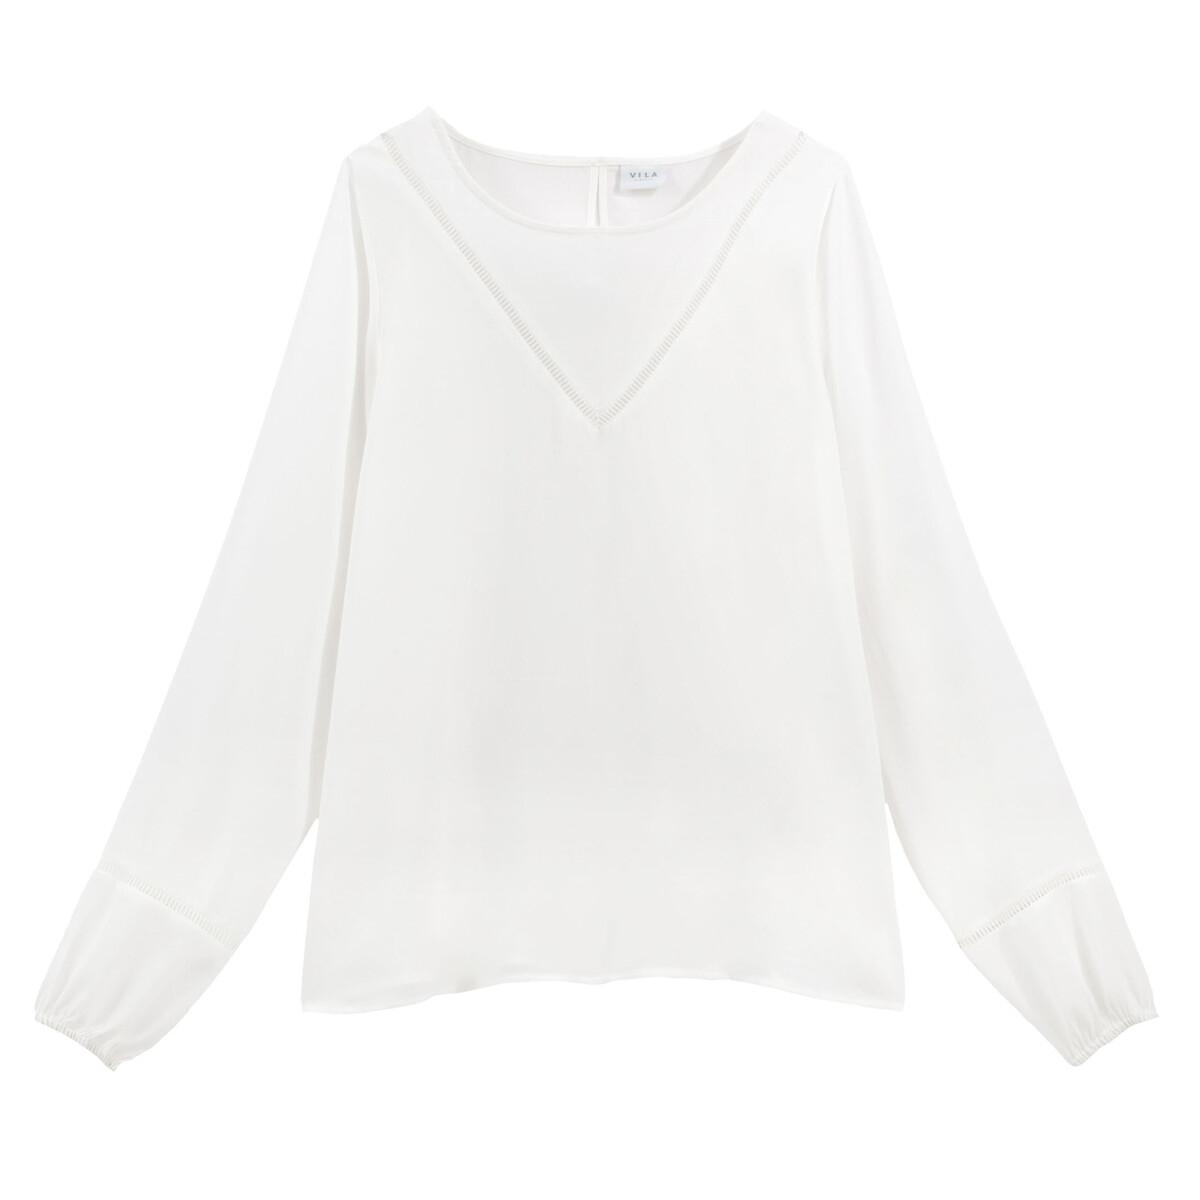 Блузка La Redoute С круглым вырезом и вышивкой 36 (FR) - 42 (RUS) белый платье la redoute радужное estelle 36 fr 42 rus черный